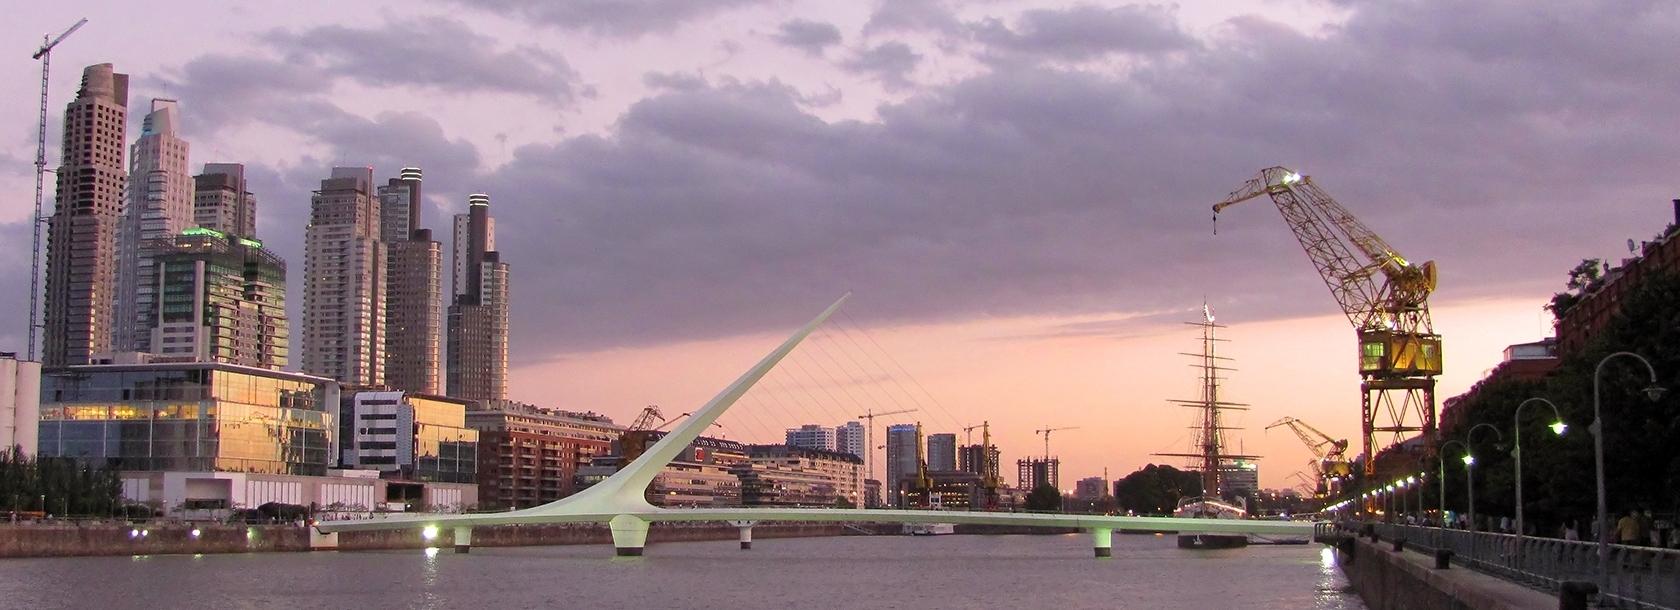 Puente-de-la-mujer.jpg